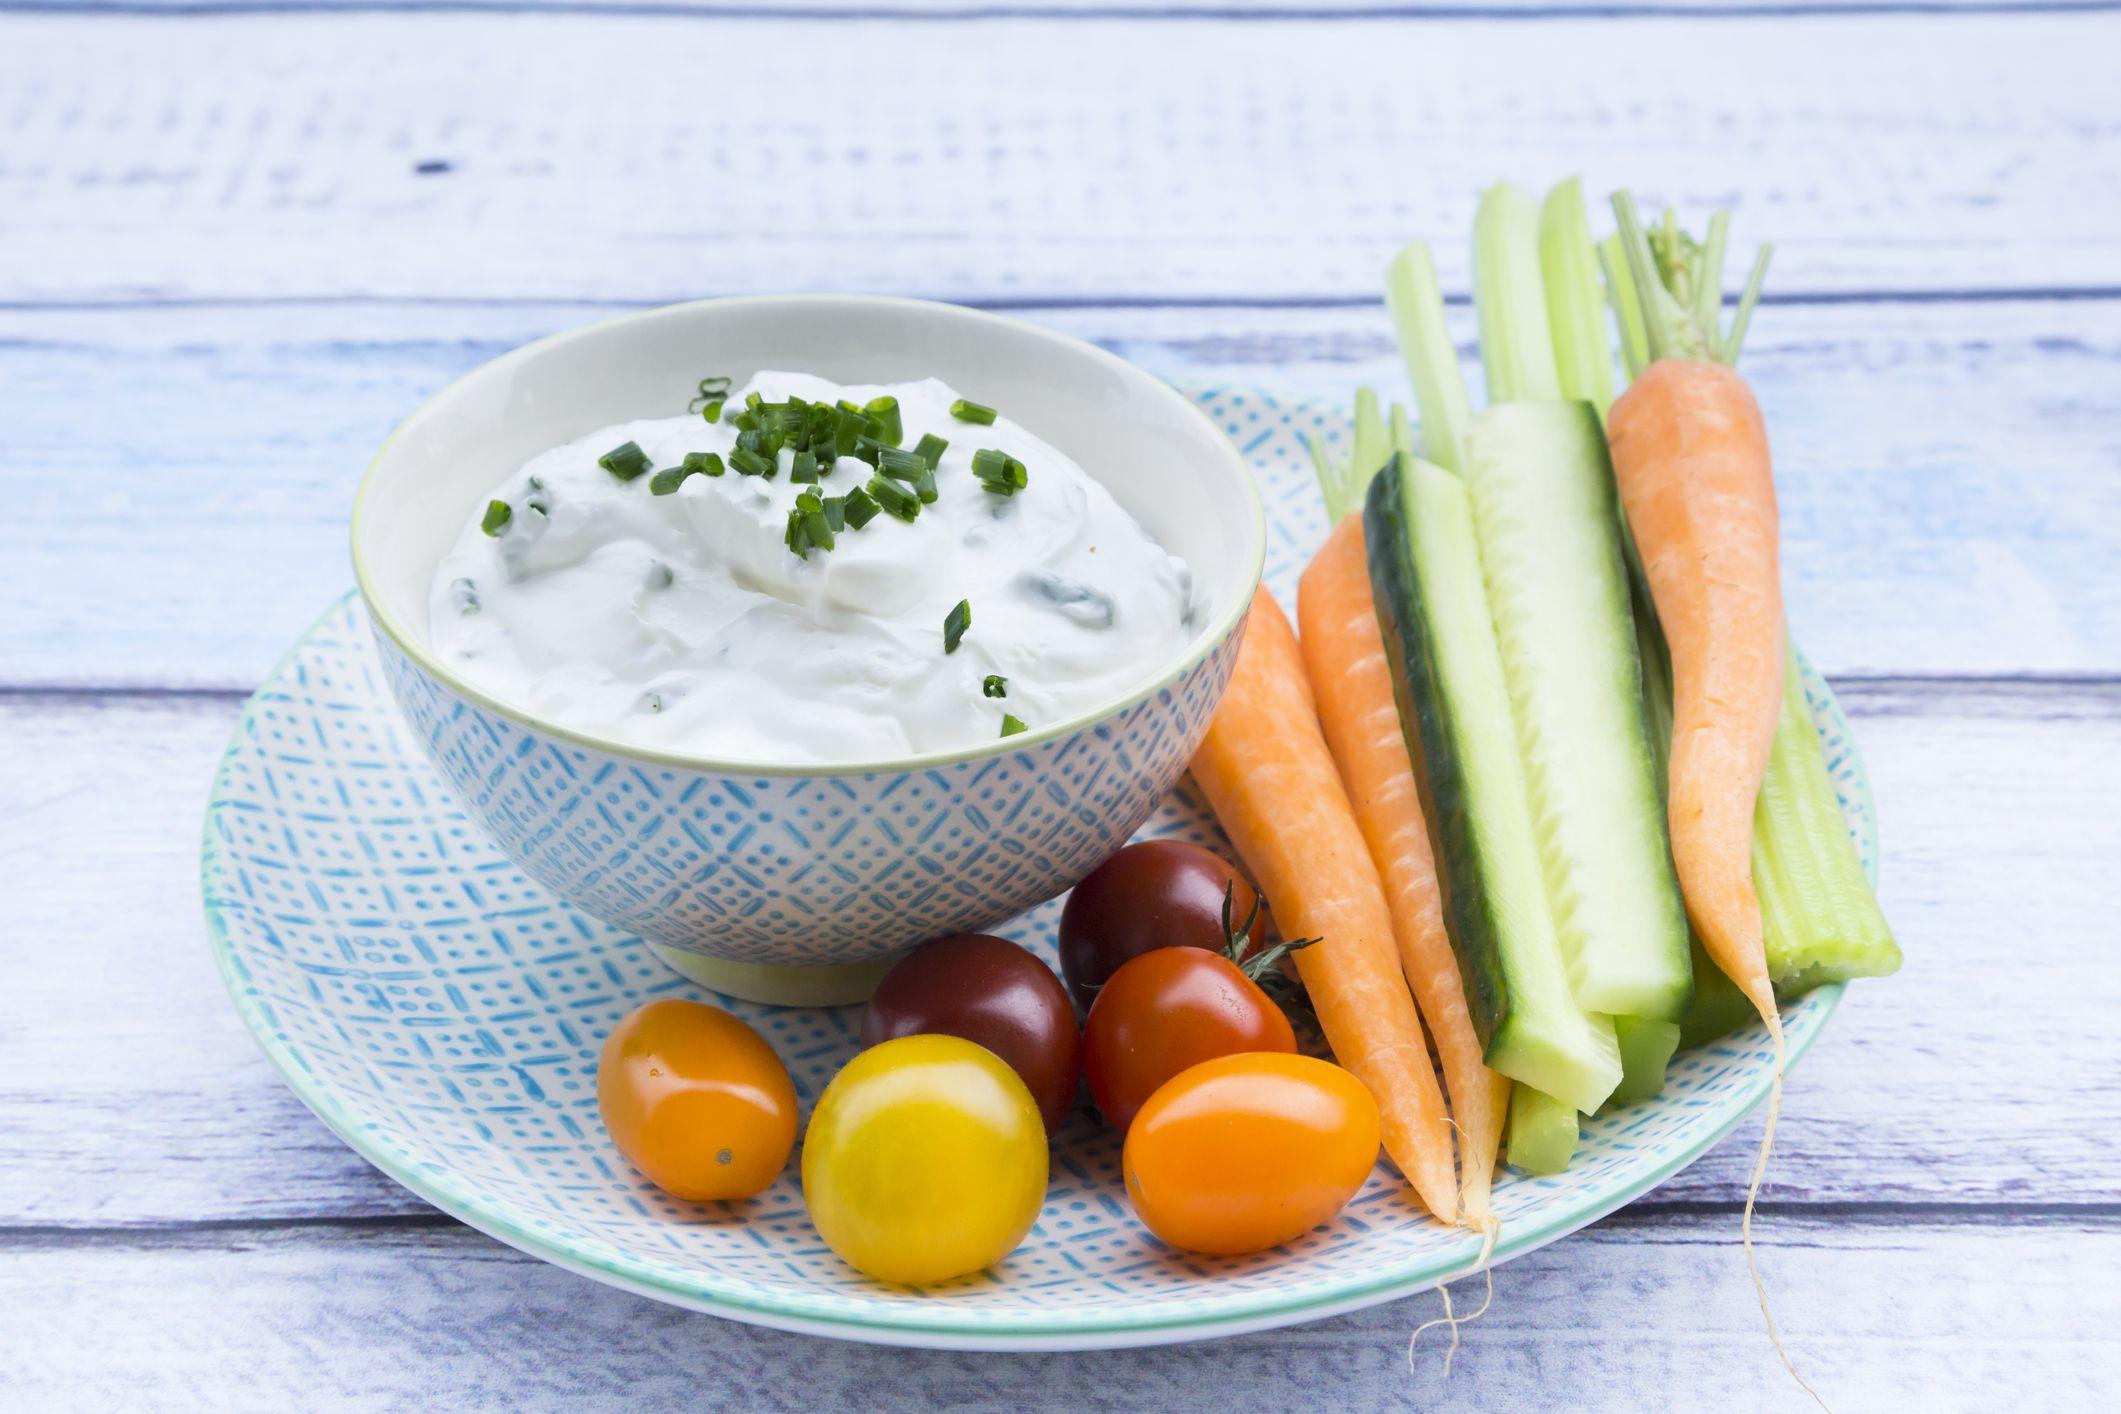 Cosa mangiare per prevenire il mal di testa